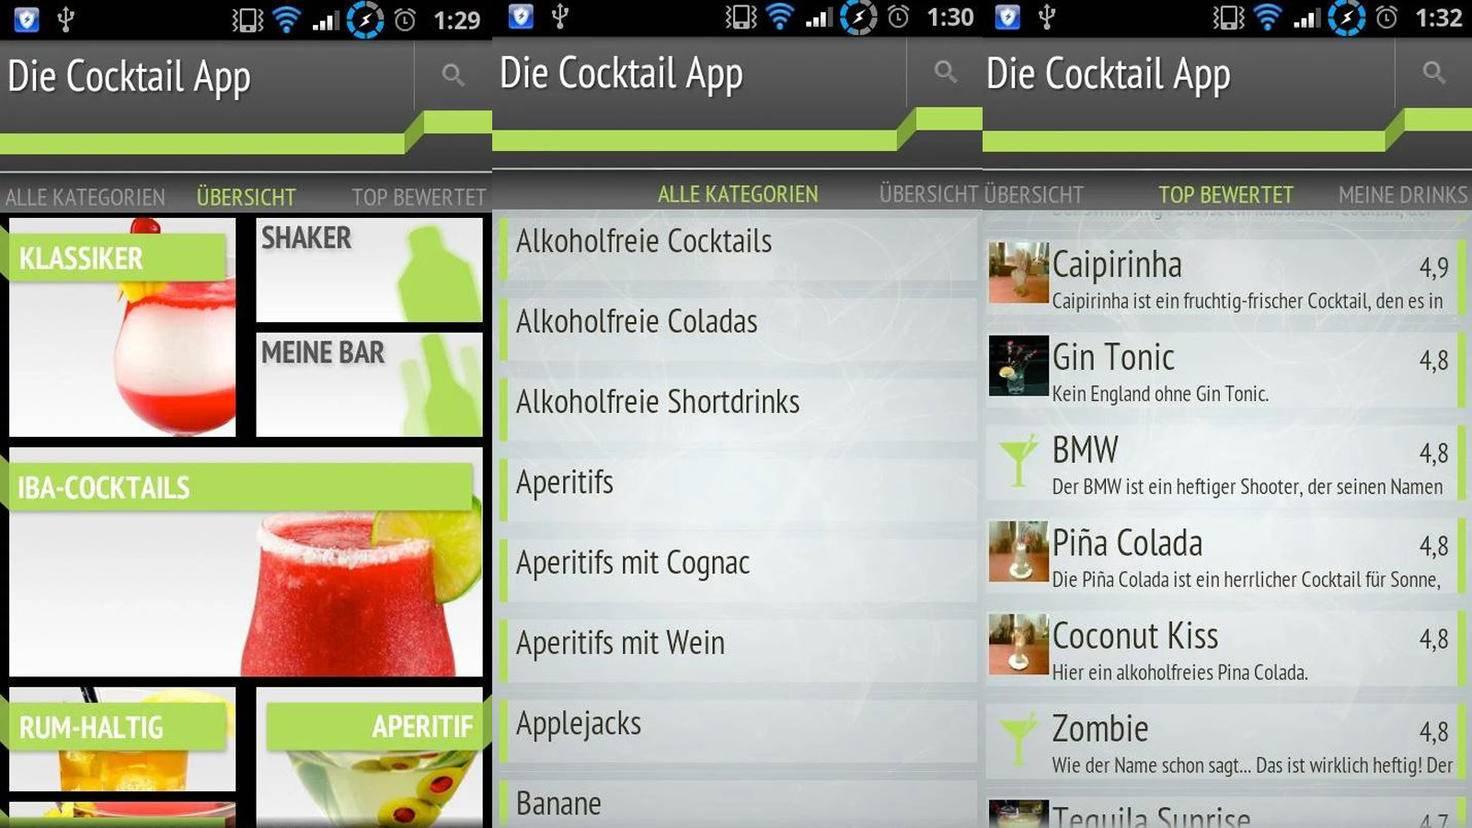 Die Cocktail App-Google PlayStore-HEROX-IT